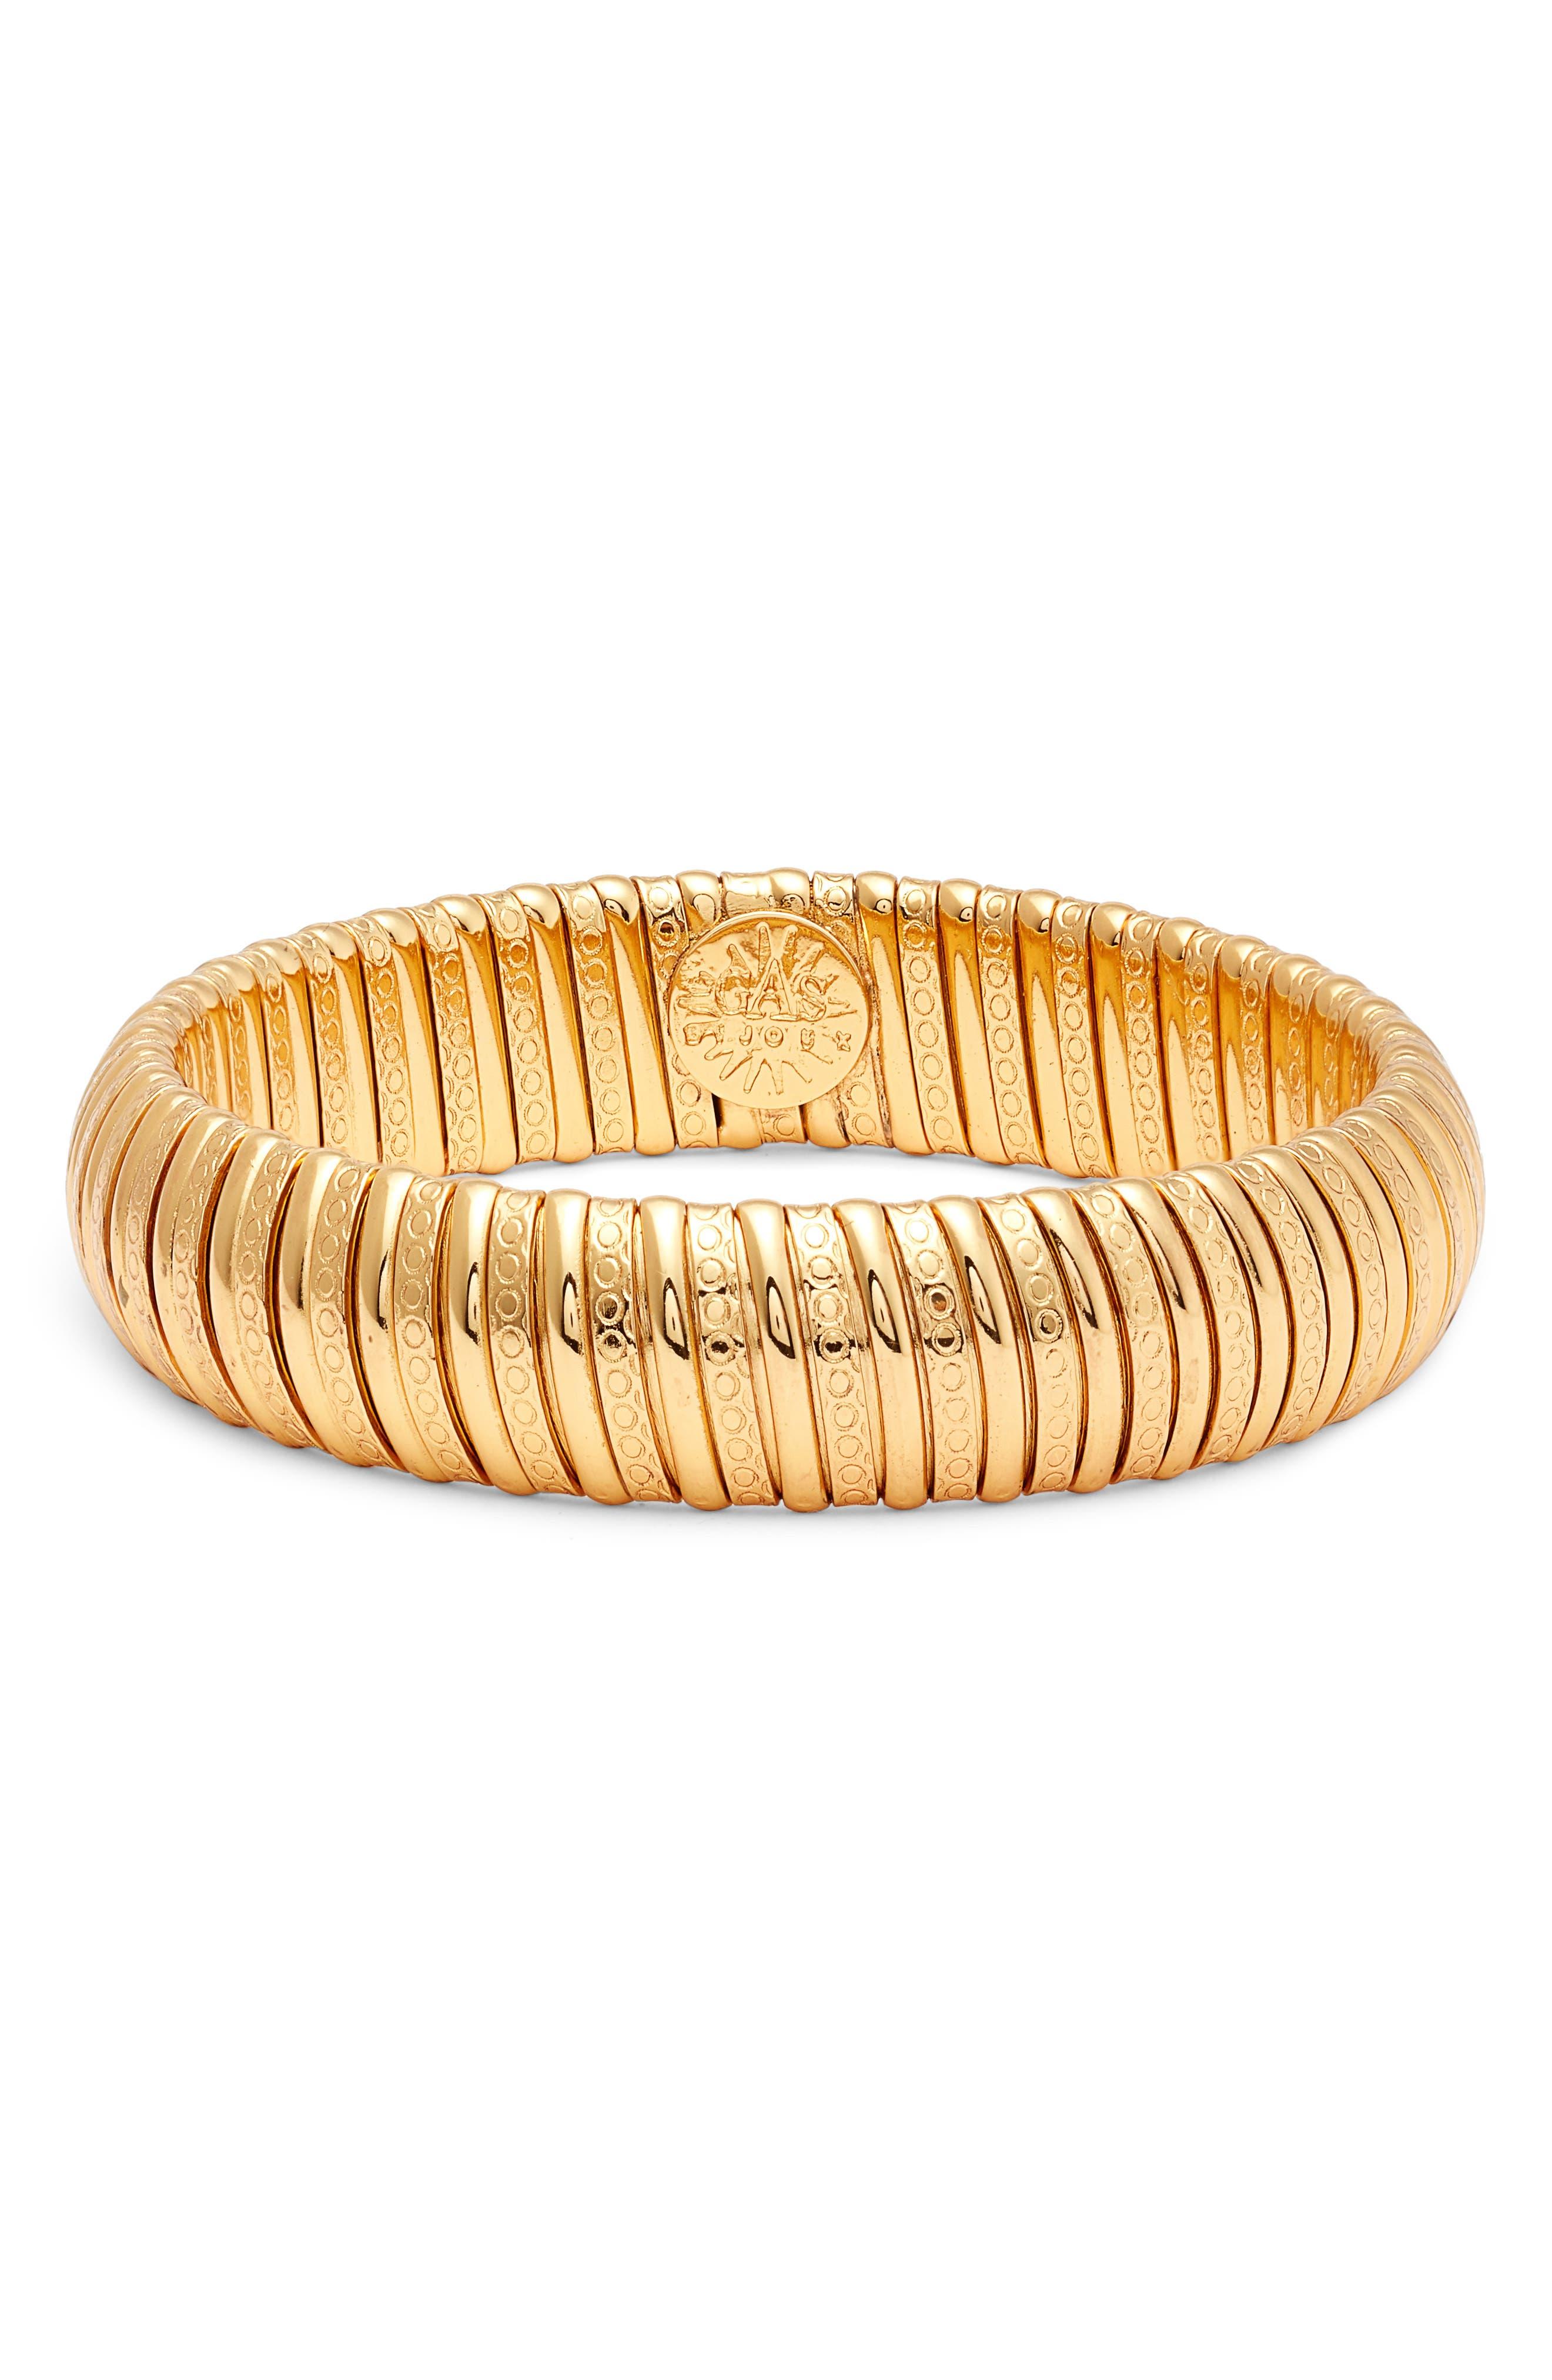 Breva Bangle Bracelet,                         Main,                         color, 710